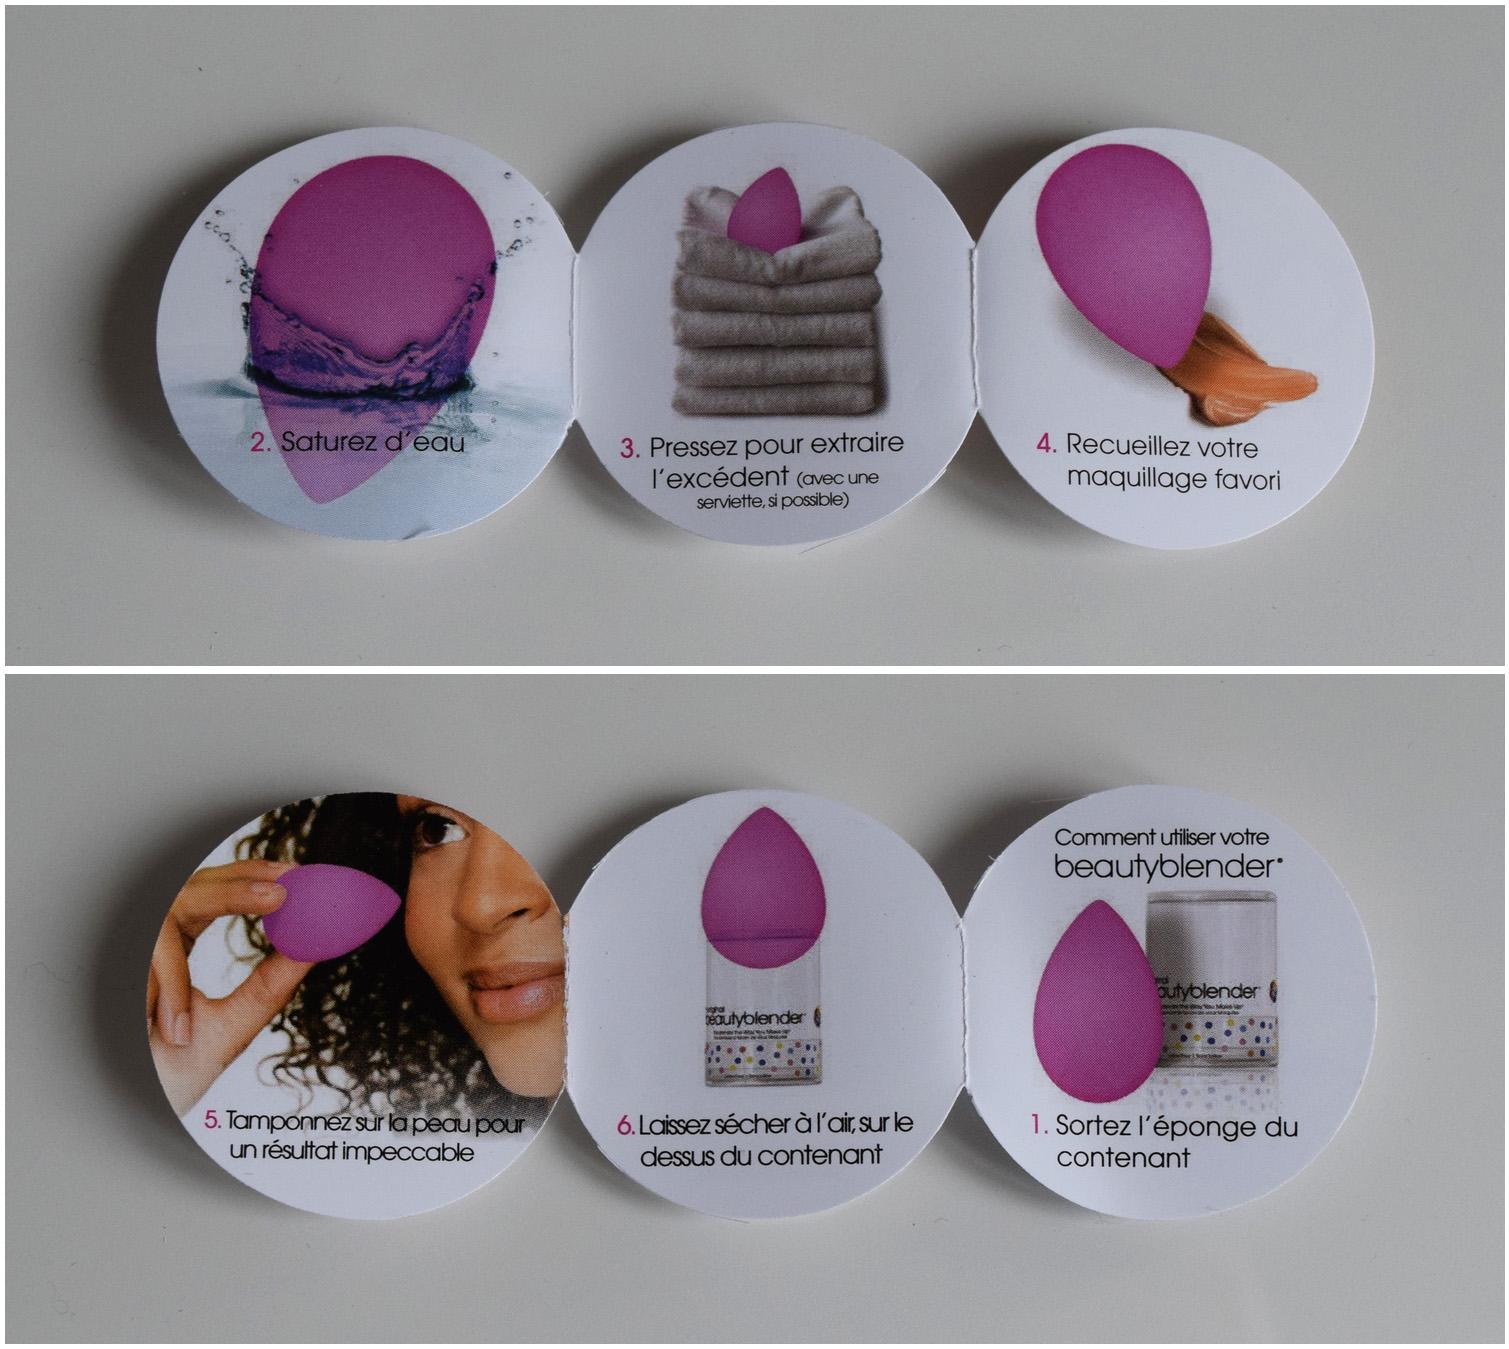 beauty blender utilisation po le cuisine inox. Black Bedroom Furniture Sets. Home Design Ideas